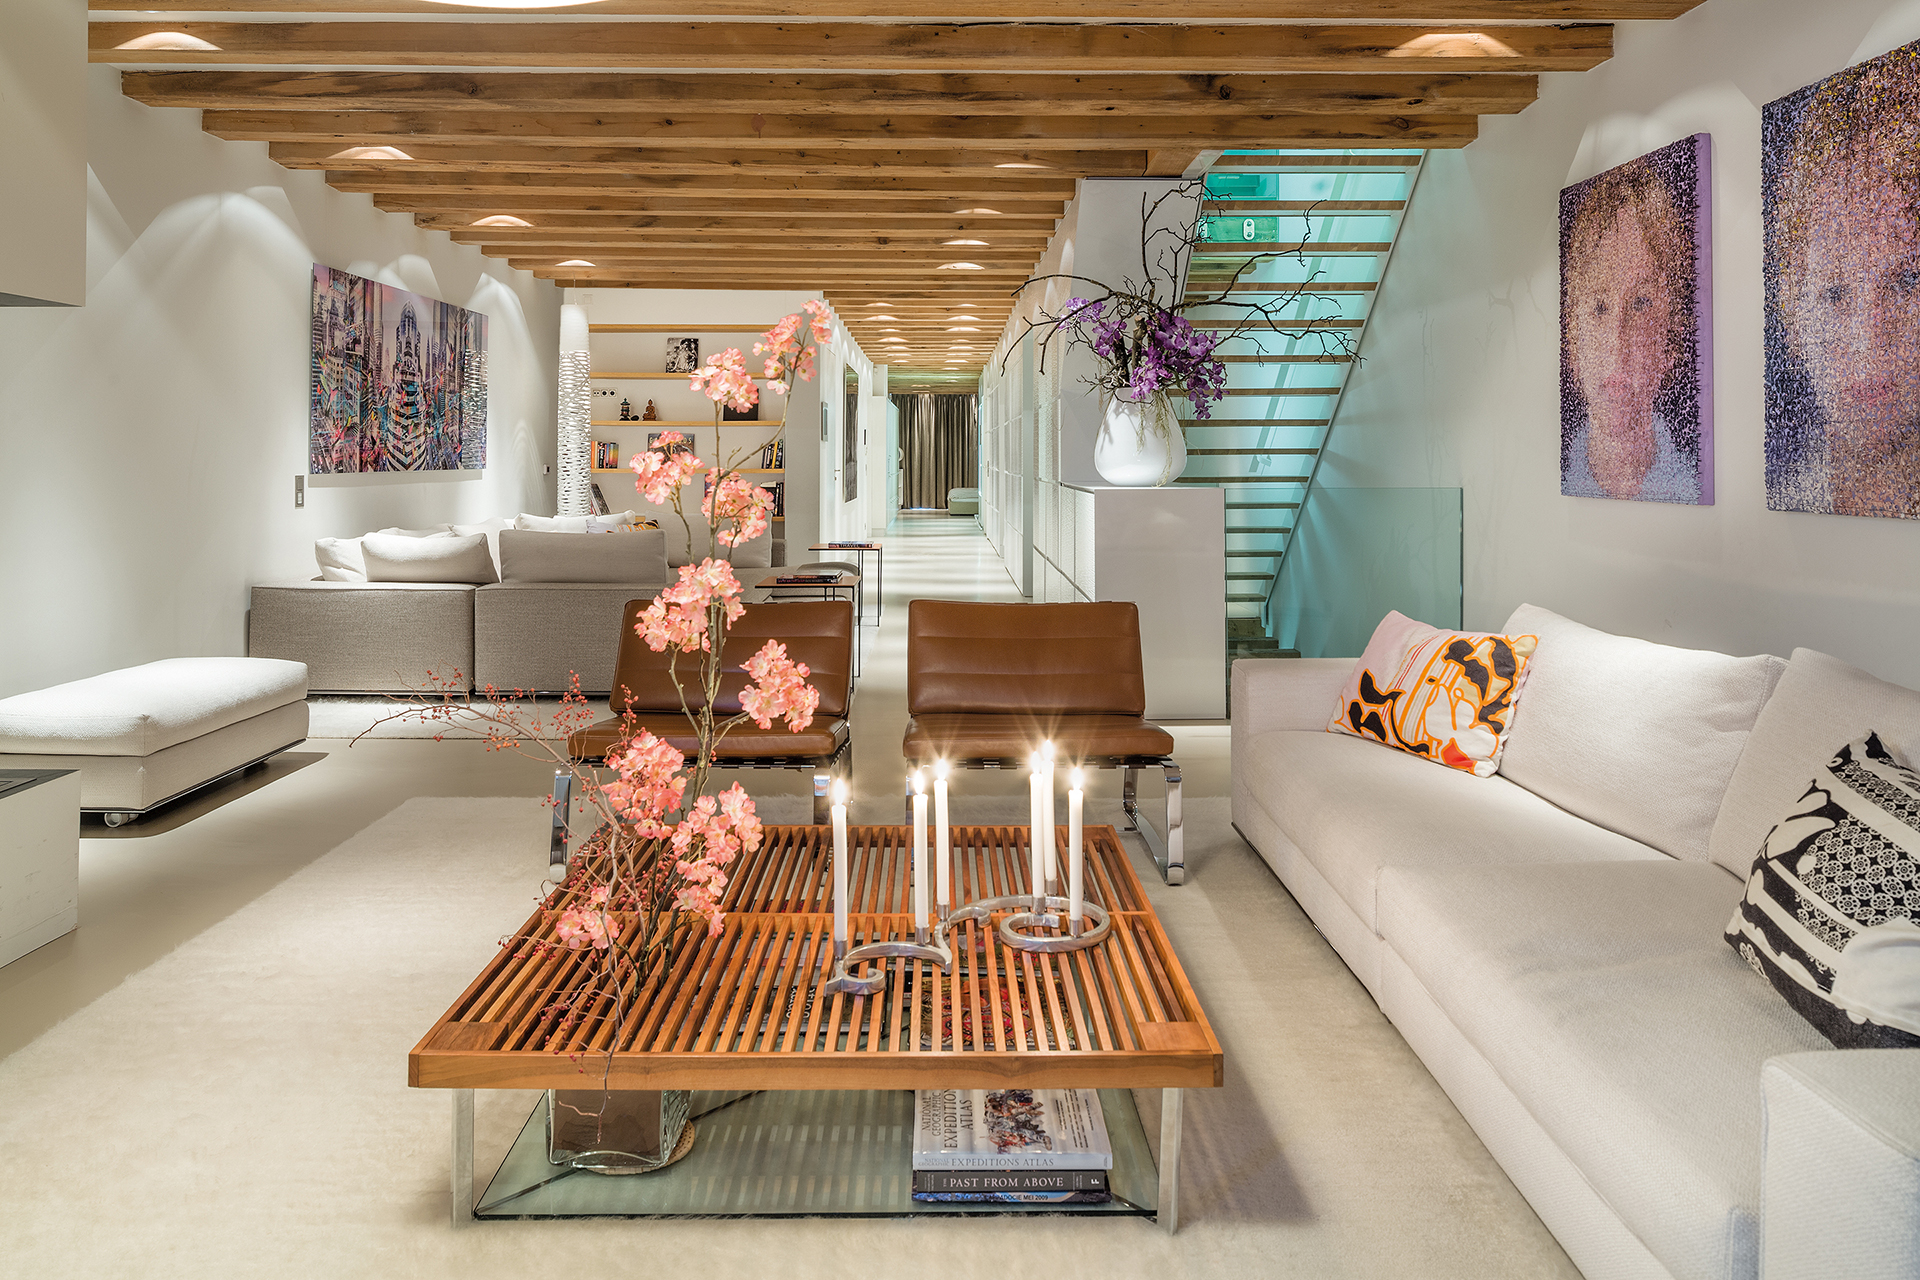 Living room centered shot